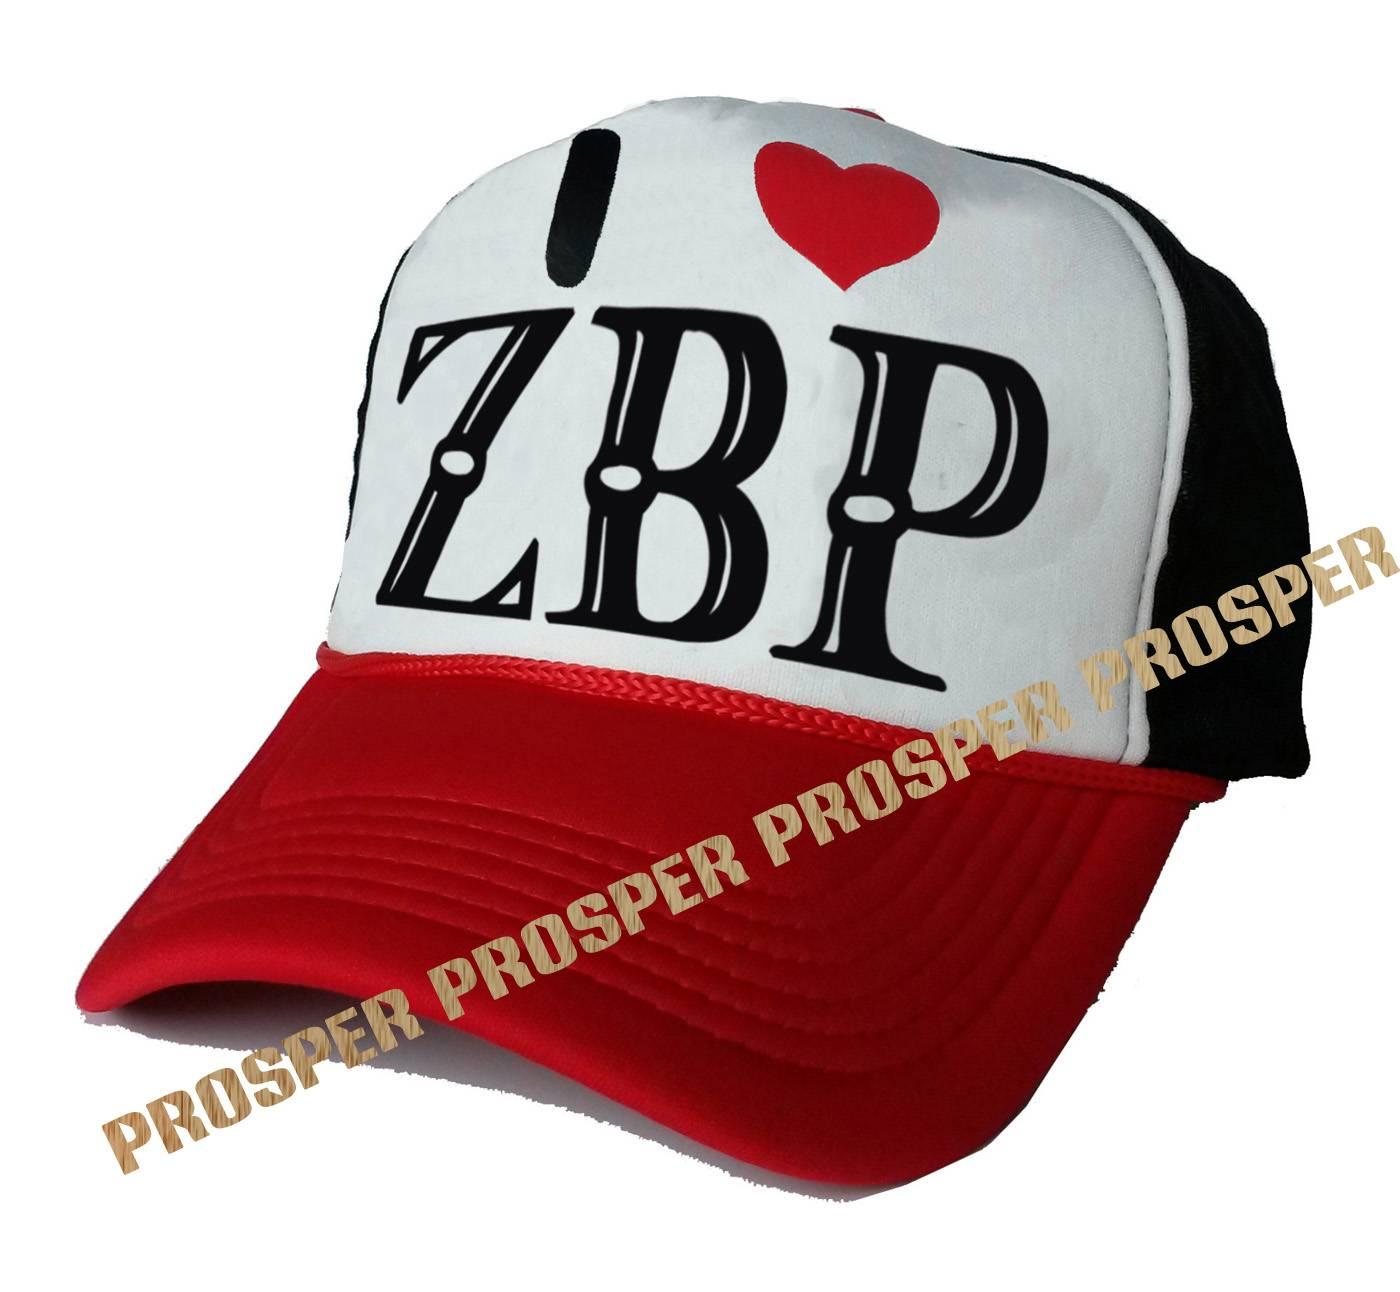 Baseball Cap,Adult Cap,Cotton Cap,Hat,cap,summer cap,summer hat,sport cap